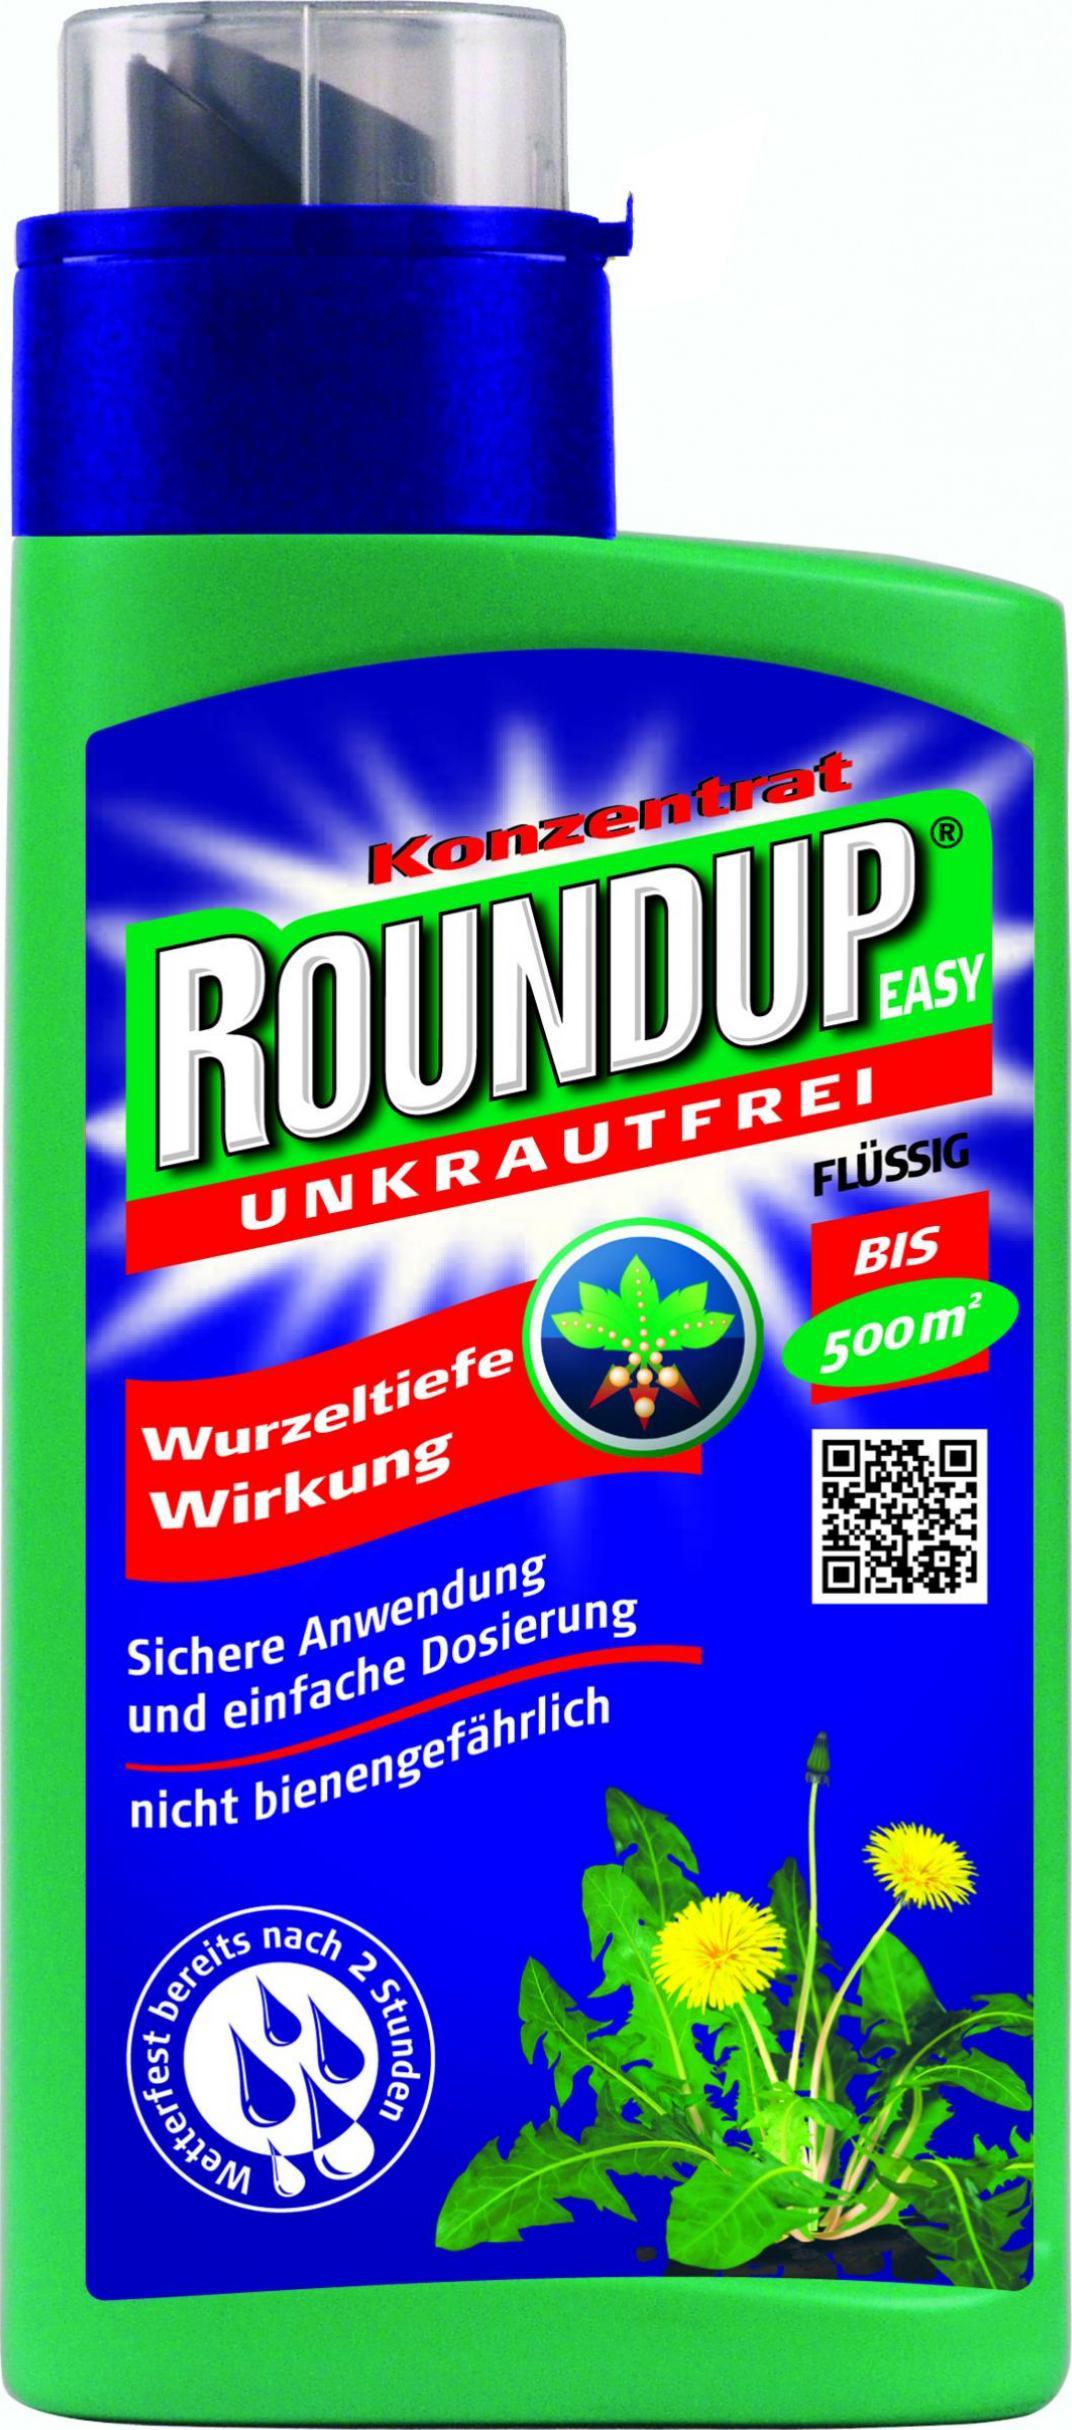 Roundup Unkrautfrei Unkrautvernichter - Preisvergleich ...